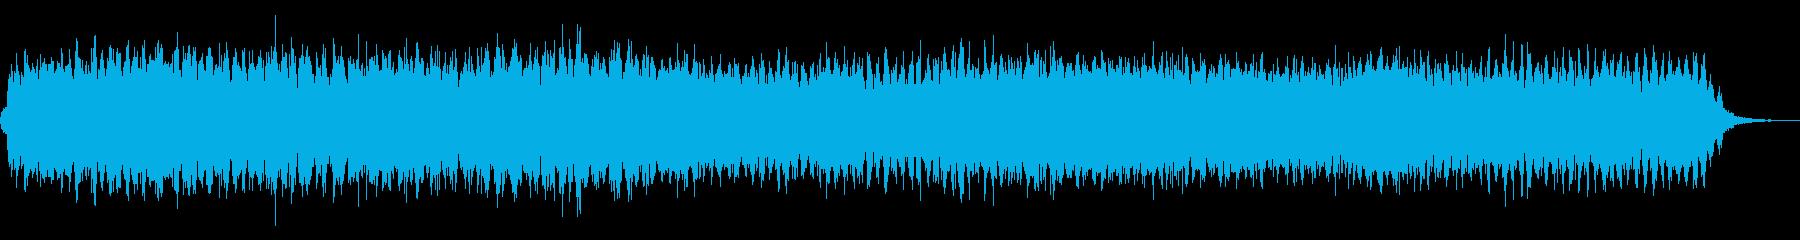 背景音 スリル 3の再生済みの波形